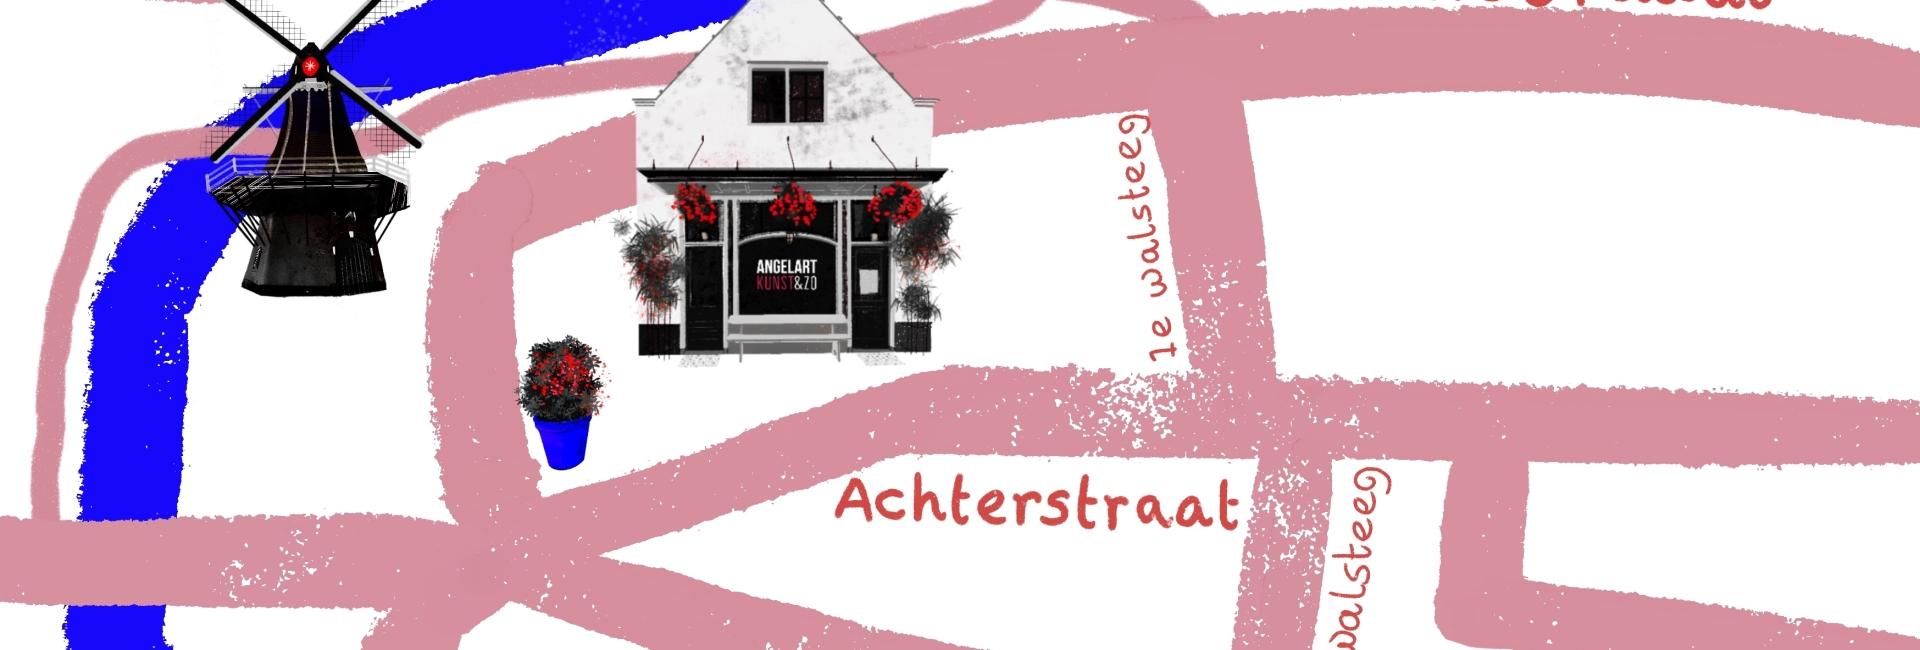 Angelart Kunst en Zo Gallerie Hattem